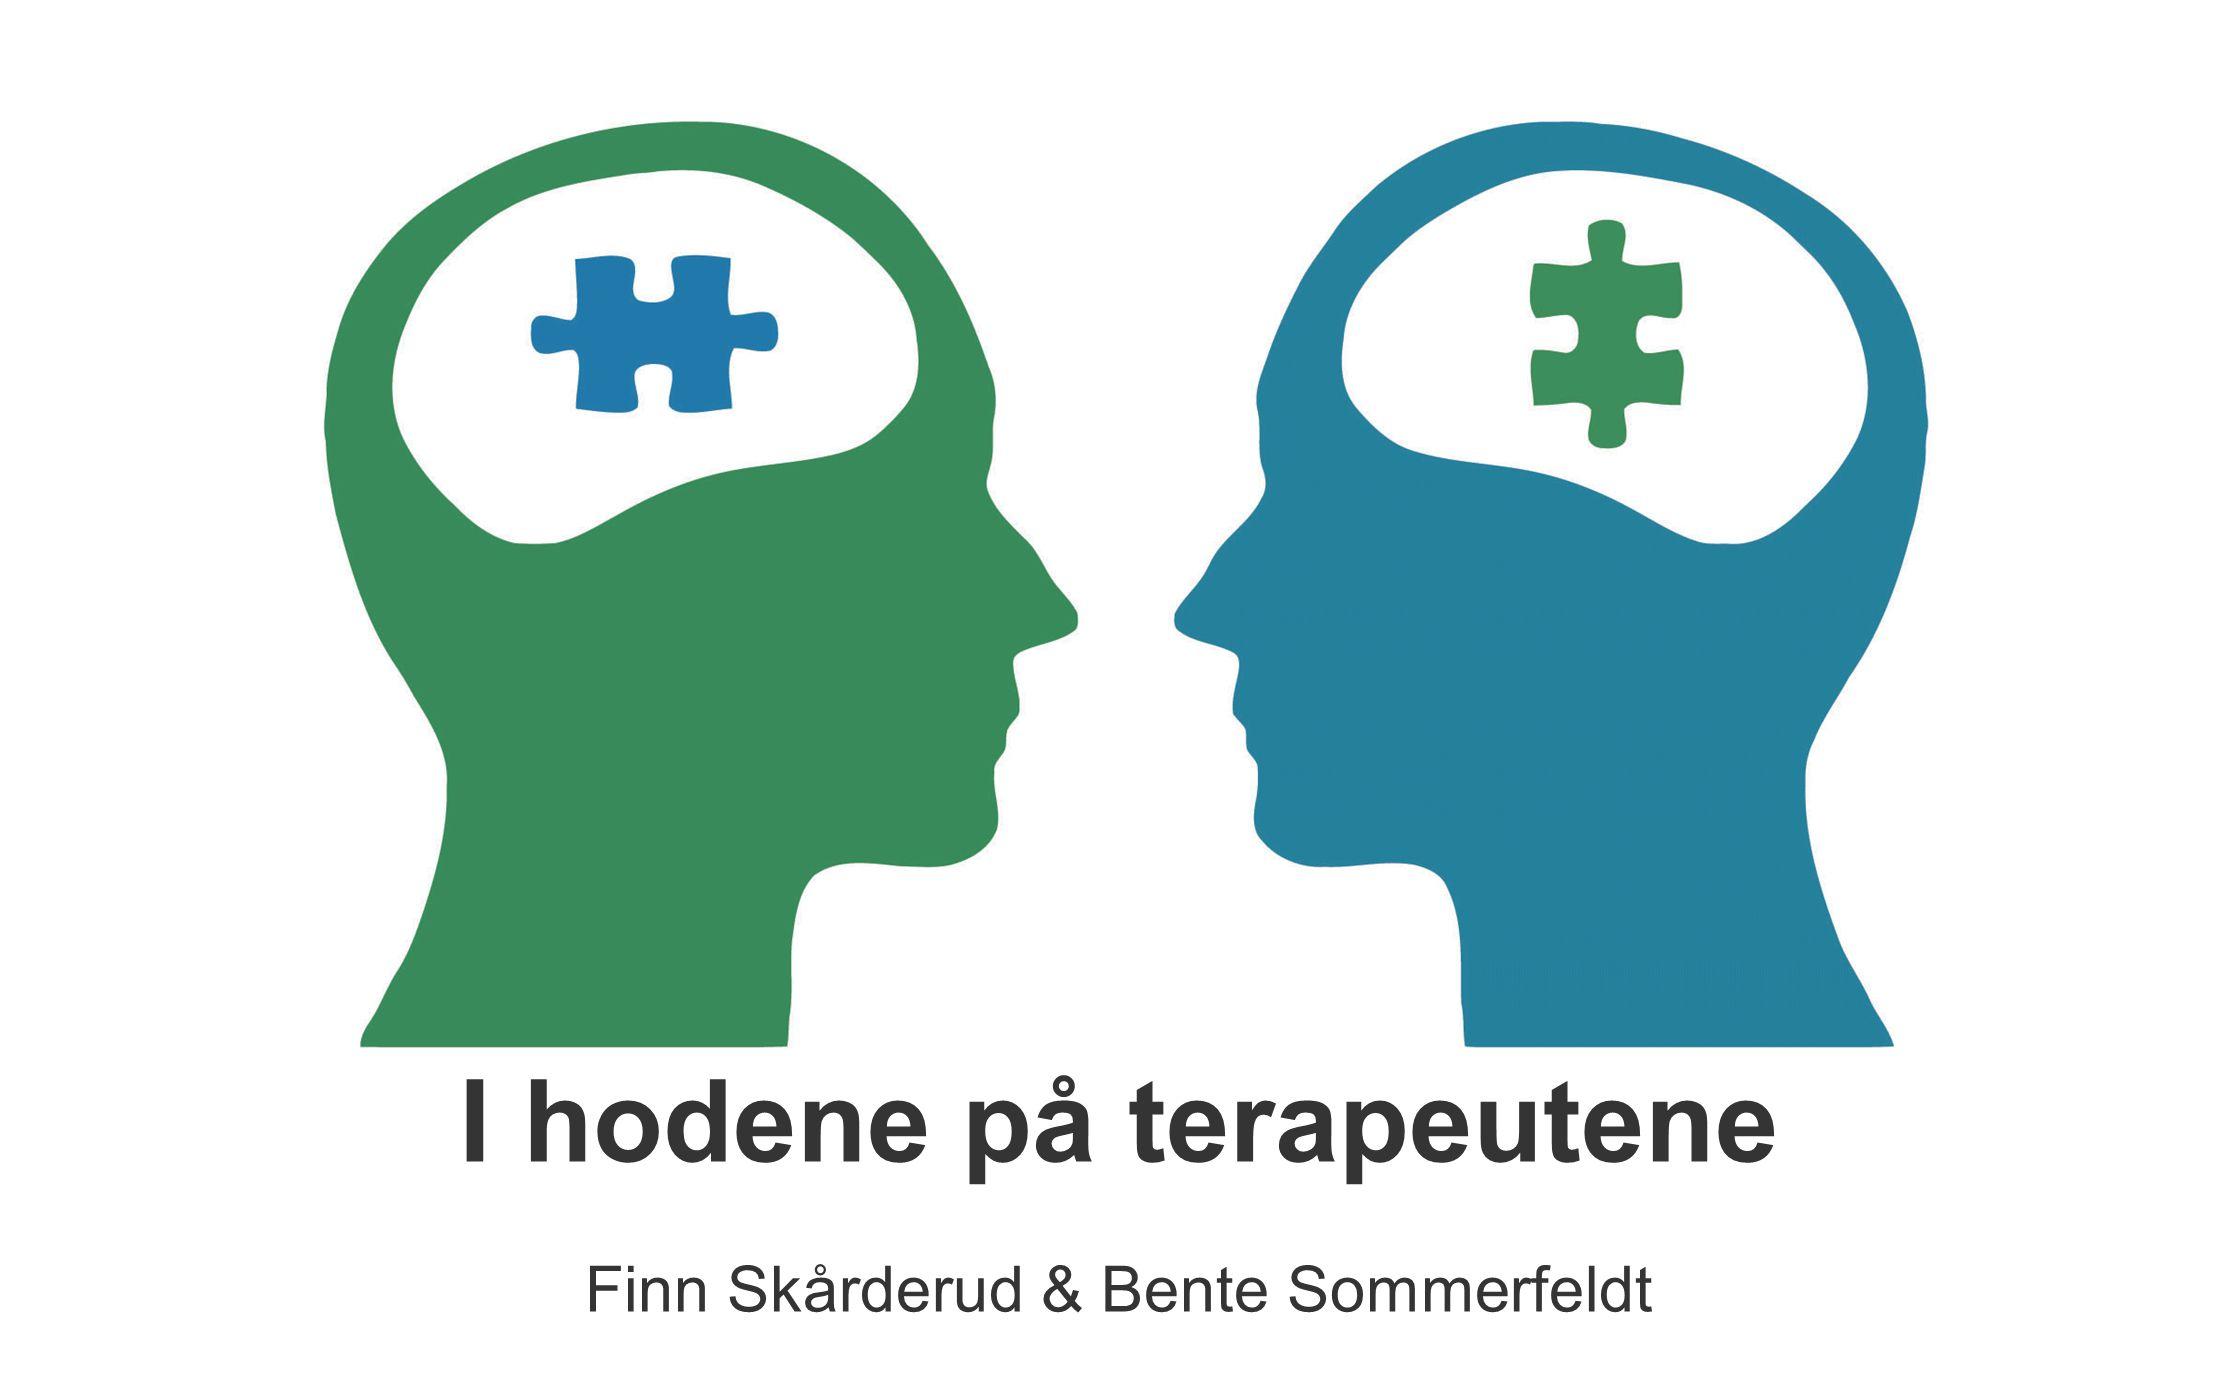 I hodene på terapeutene Finn Skårderud & Bente Sommerfeldt